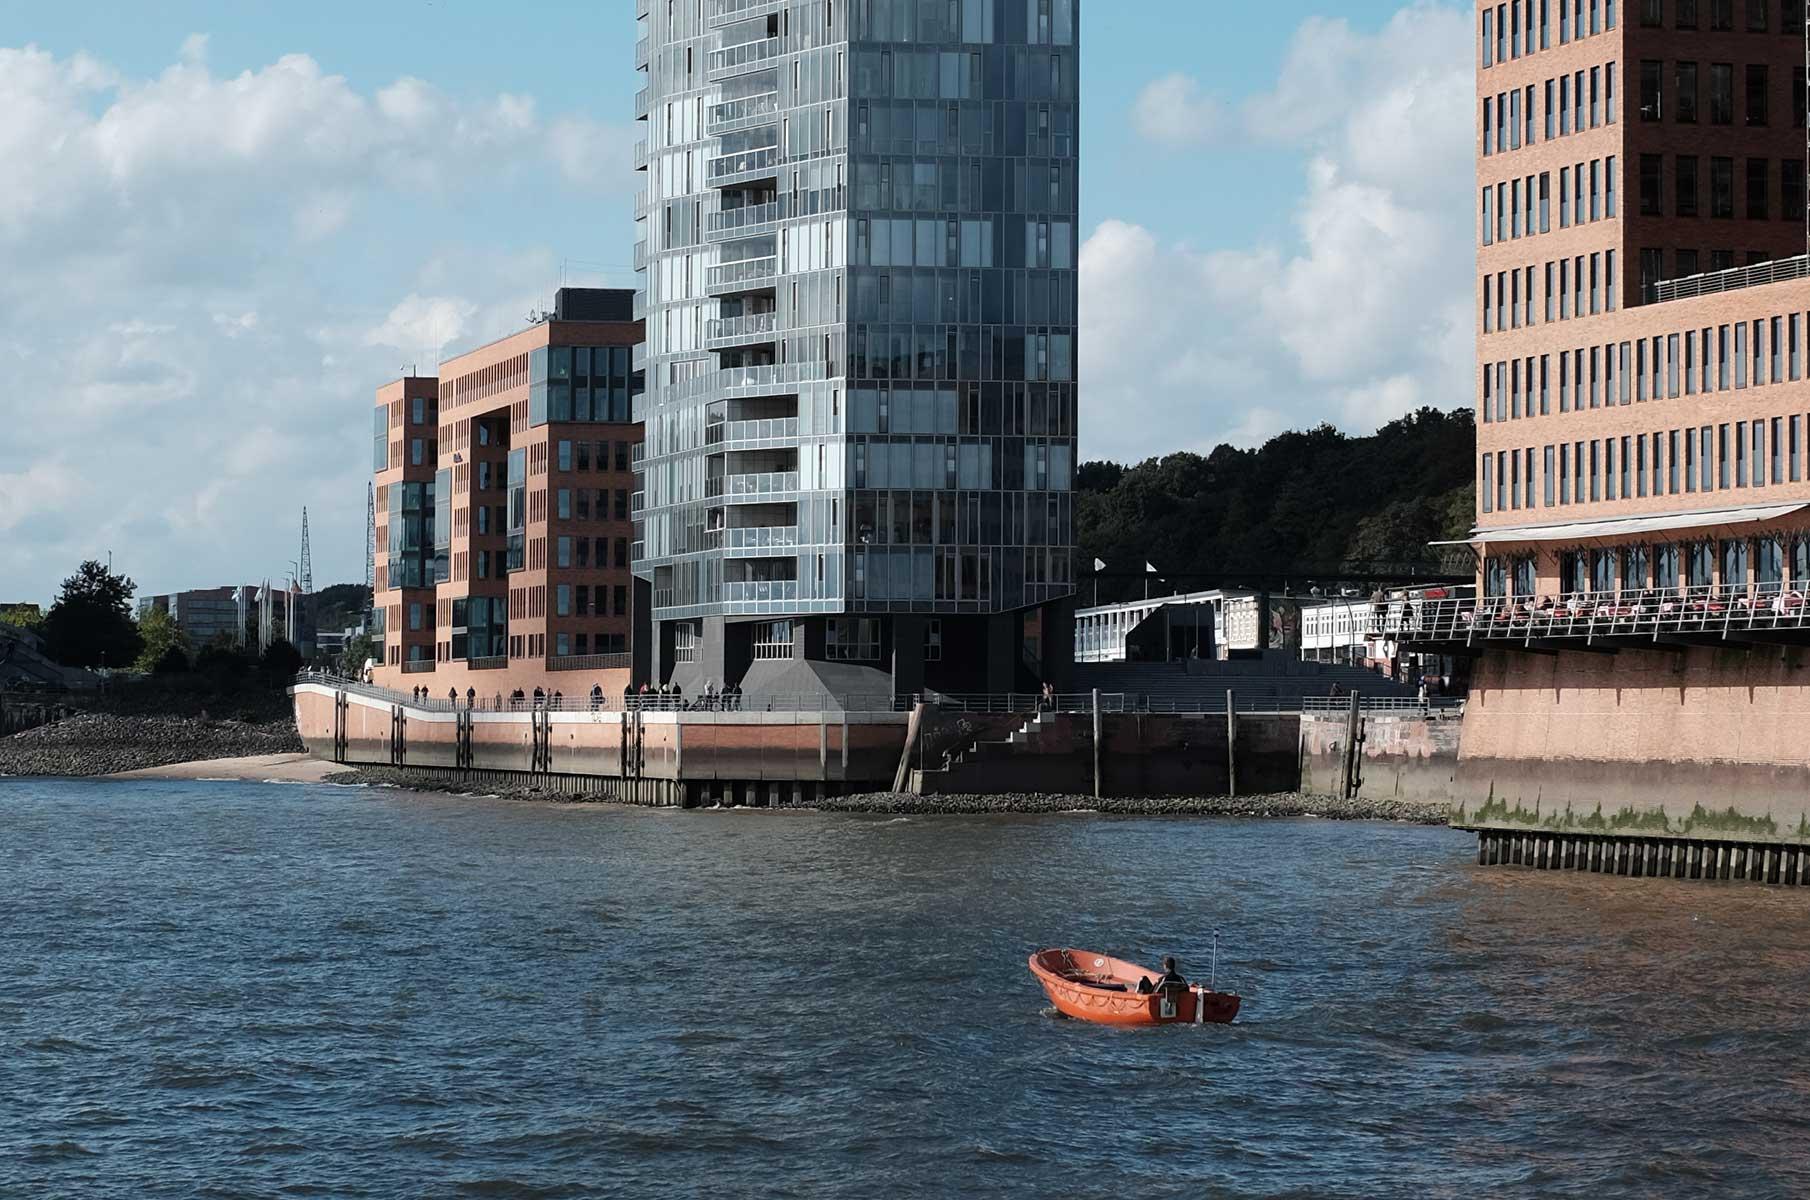 Mit der Fähre zum Museumshafen Oevelgönne in Hamburg